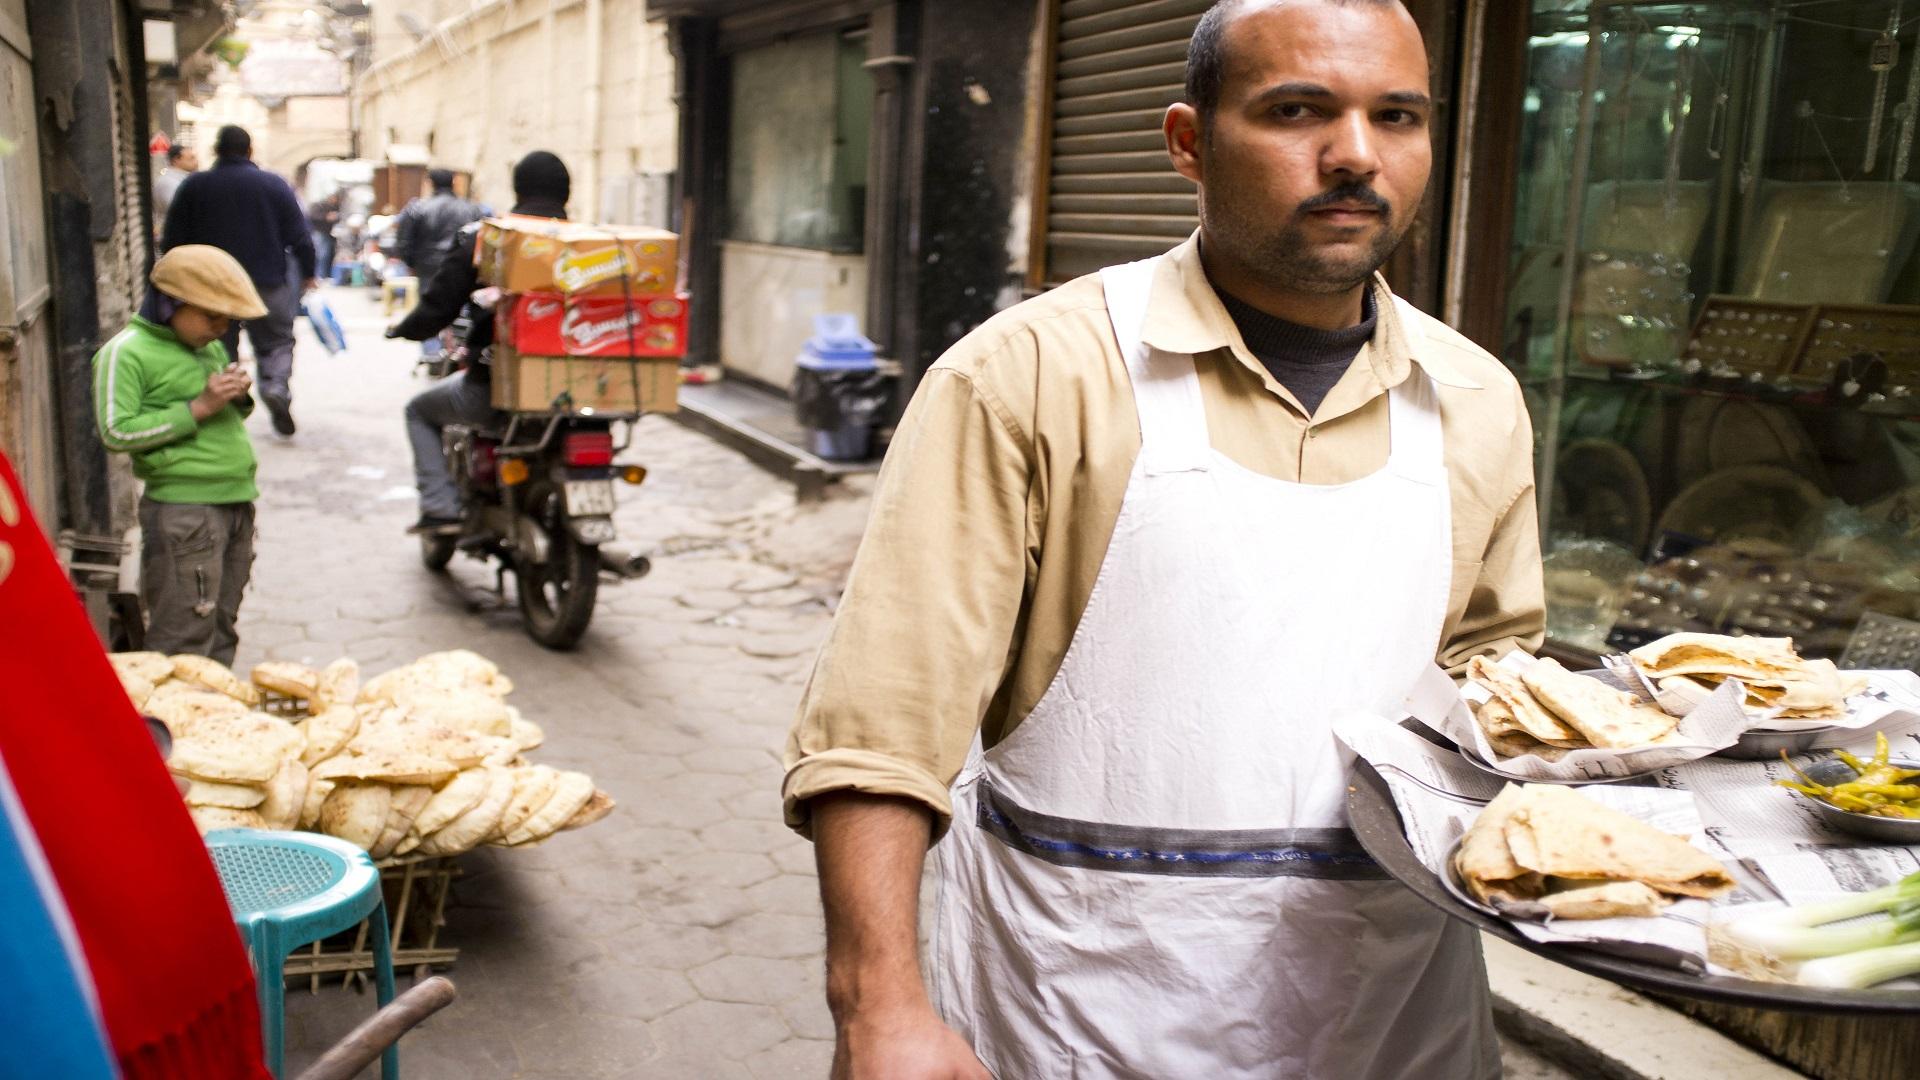 ارتفاع معدلات الفقر إلى مستويات غير مسبوقة